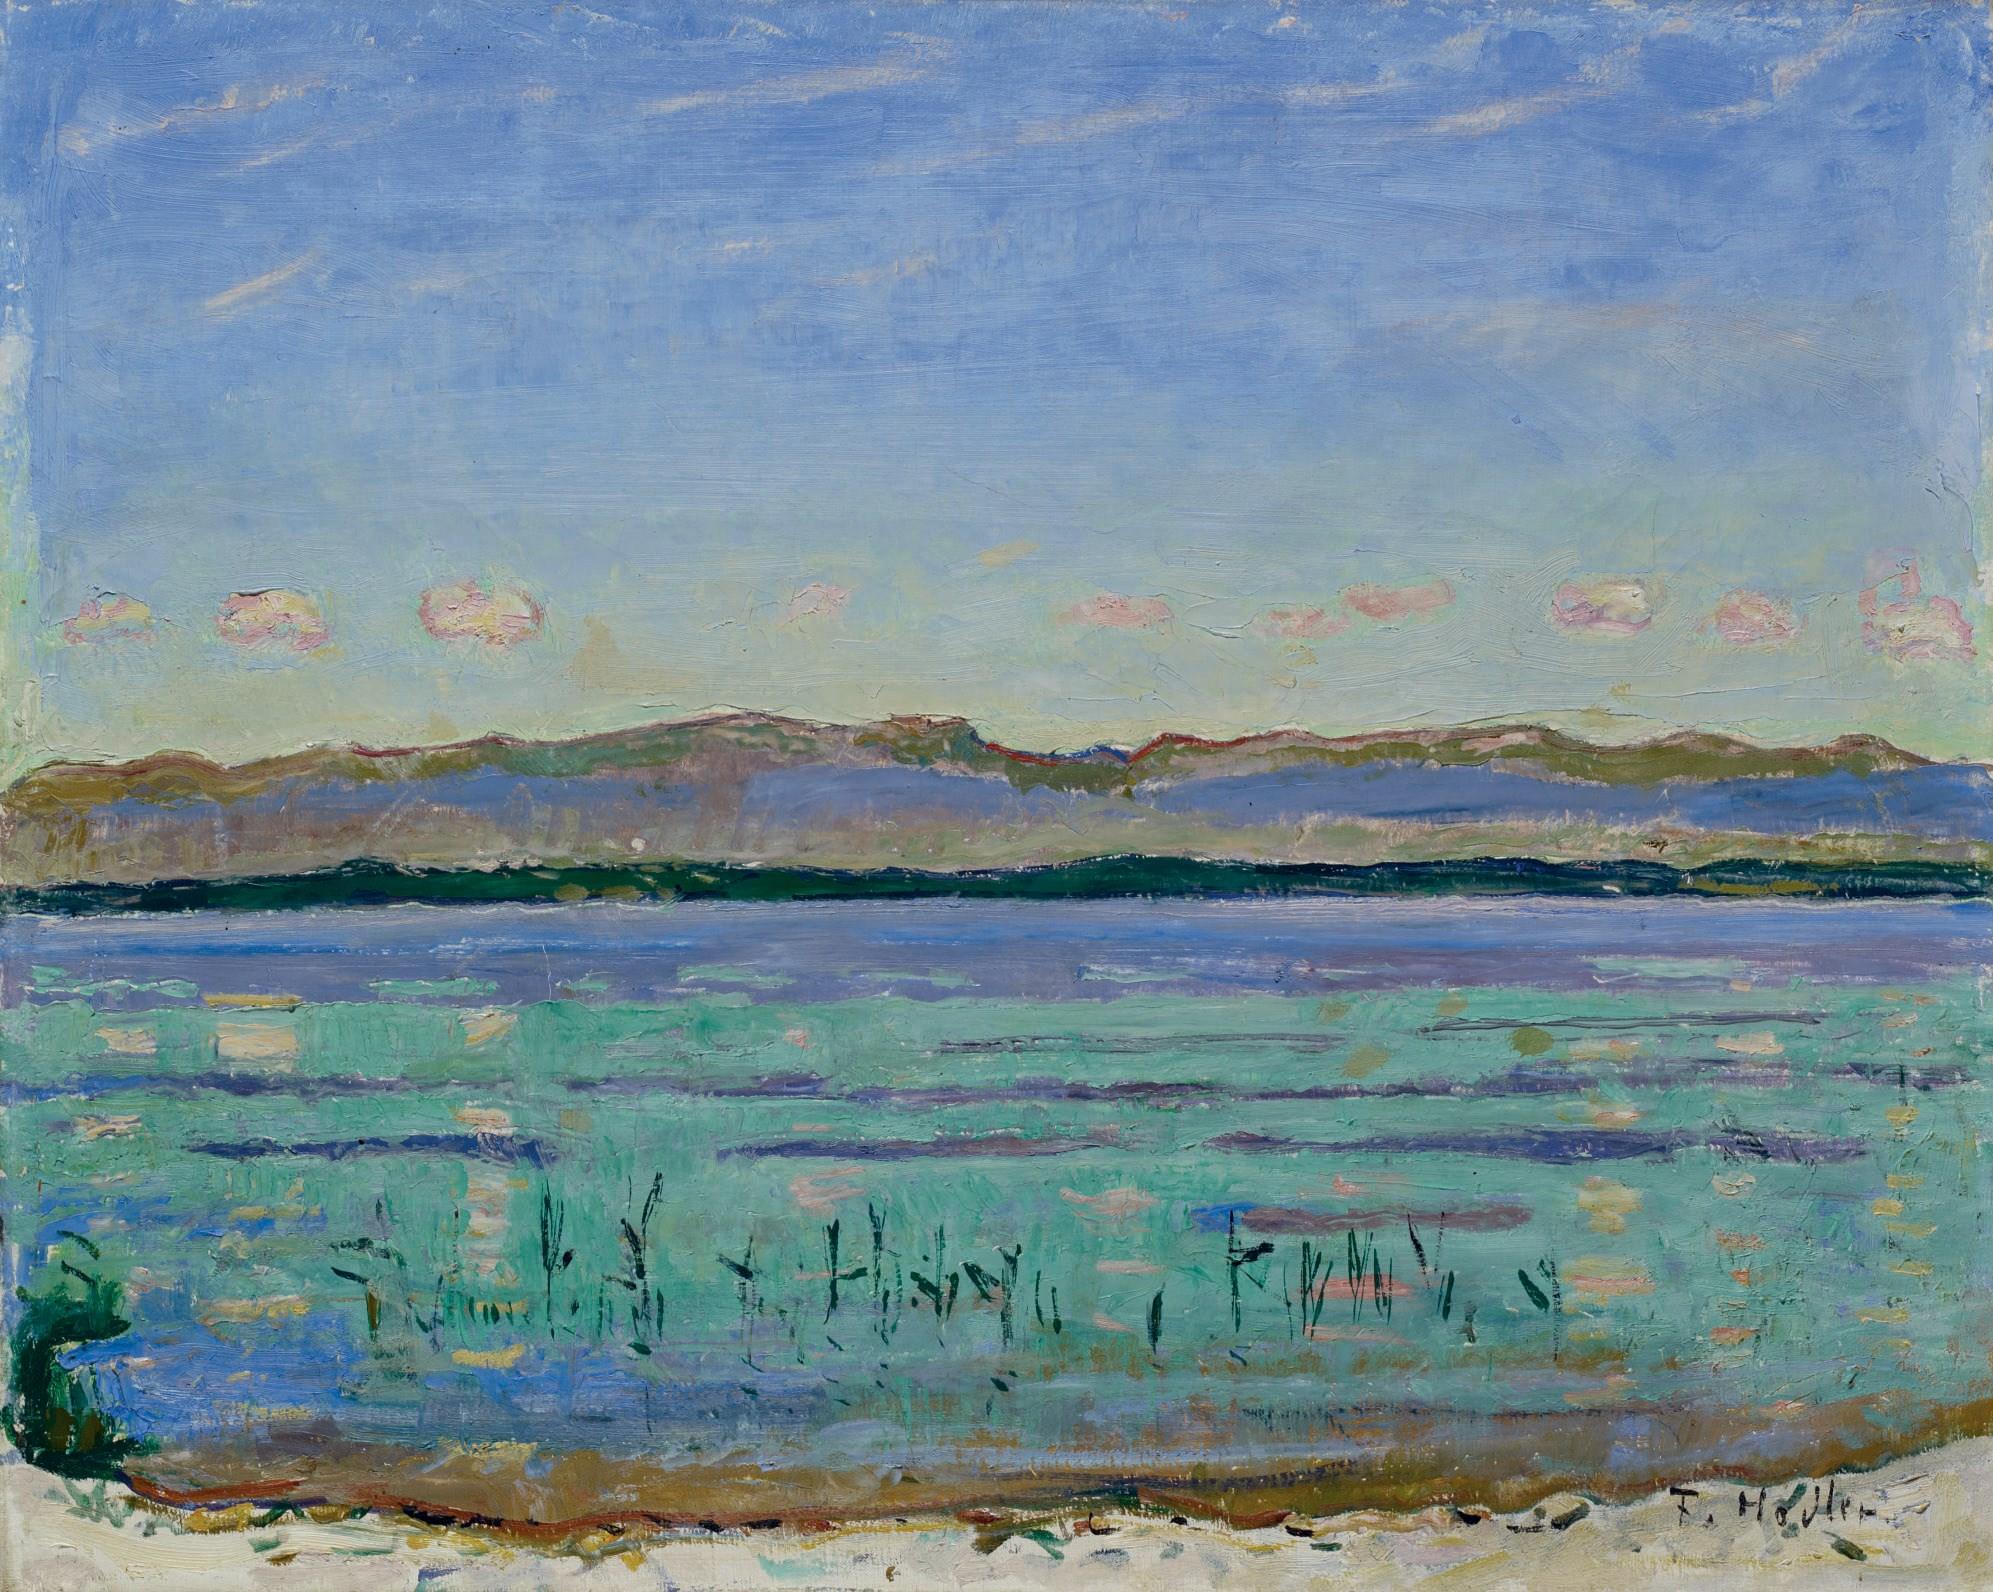 费迪南德·霍德勒,《日内瓦湖和侏罗山,1911年》,45.5 x 56.5公分。2010年6月7日在佳士得于苏黎世美术馆举办的拍卖会上以2,640,000瑞郎成交。